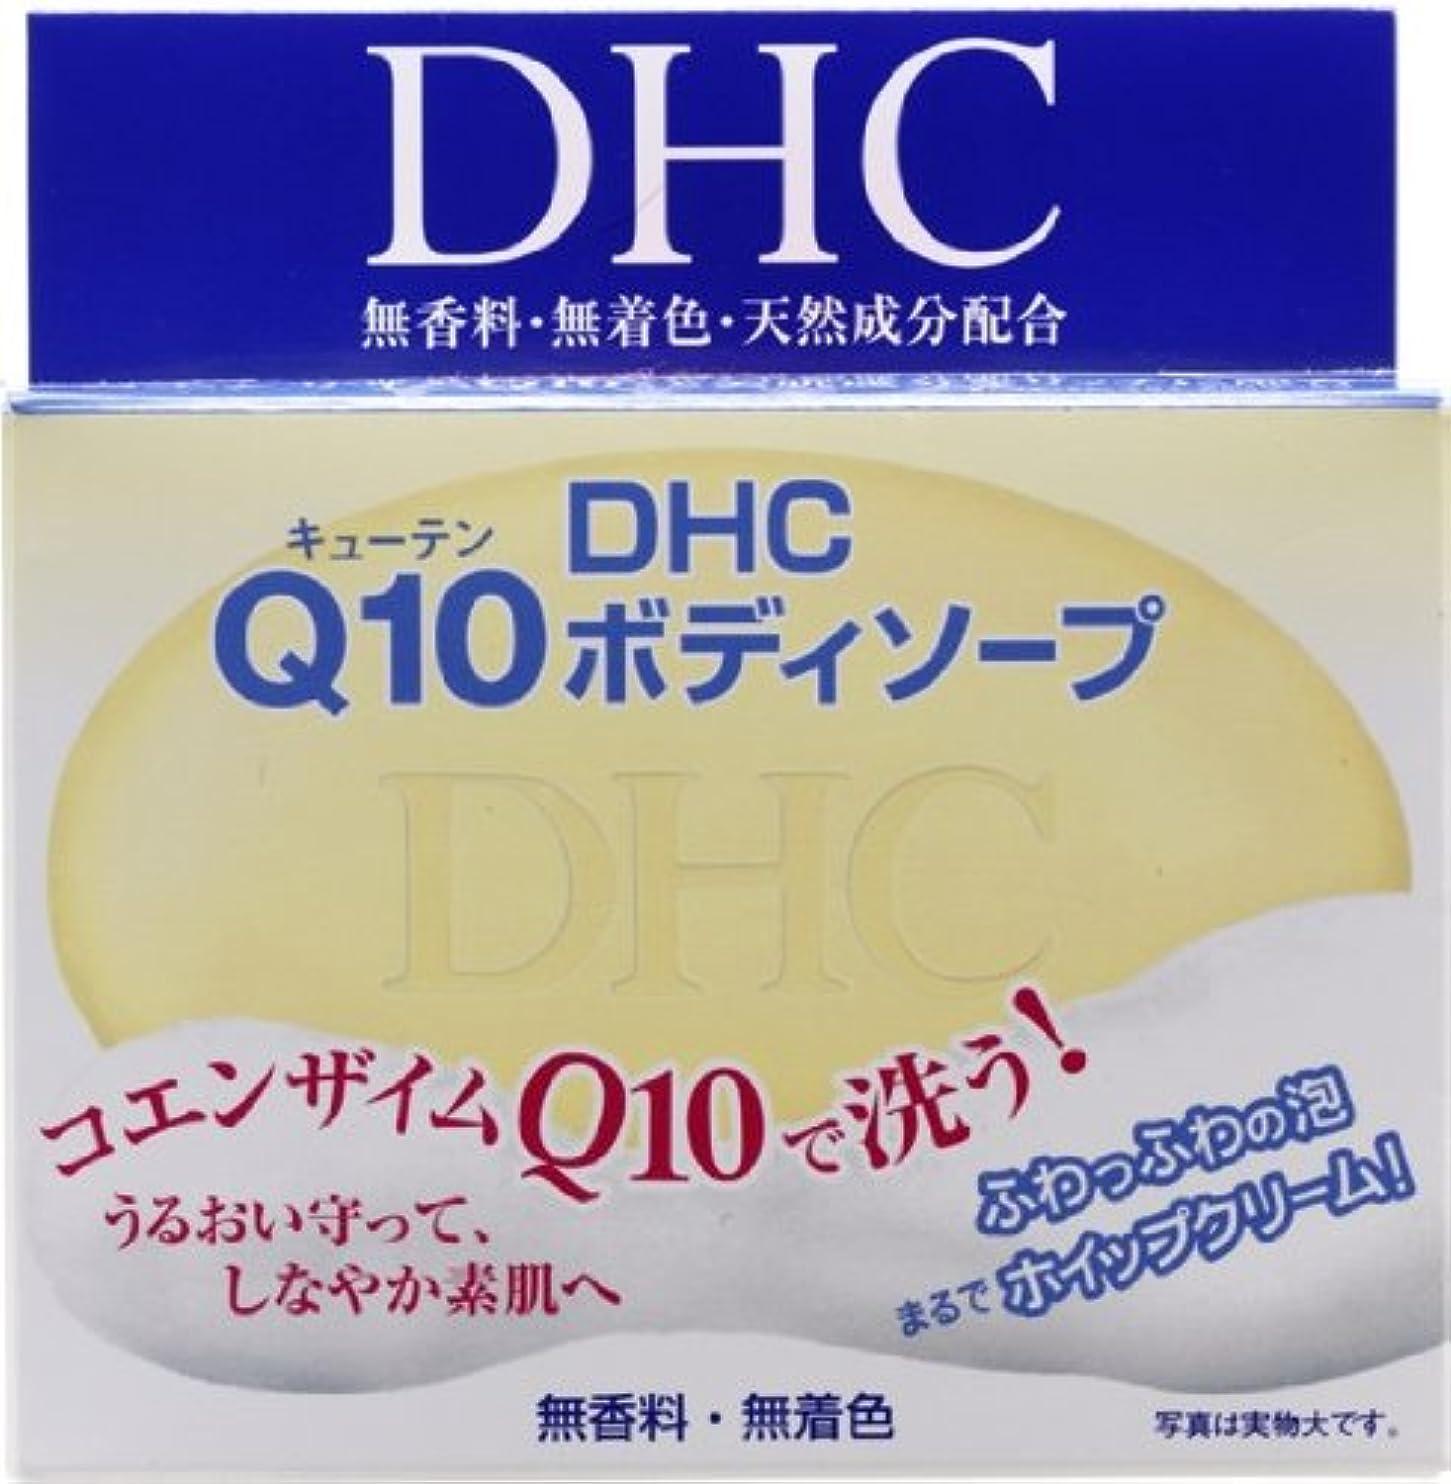 残酷したがって特性DHC Q10ボディソープ 120G